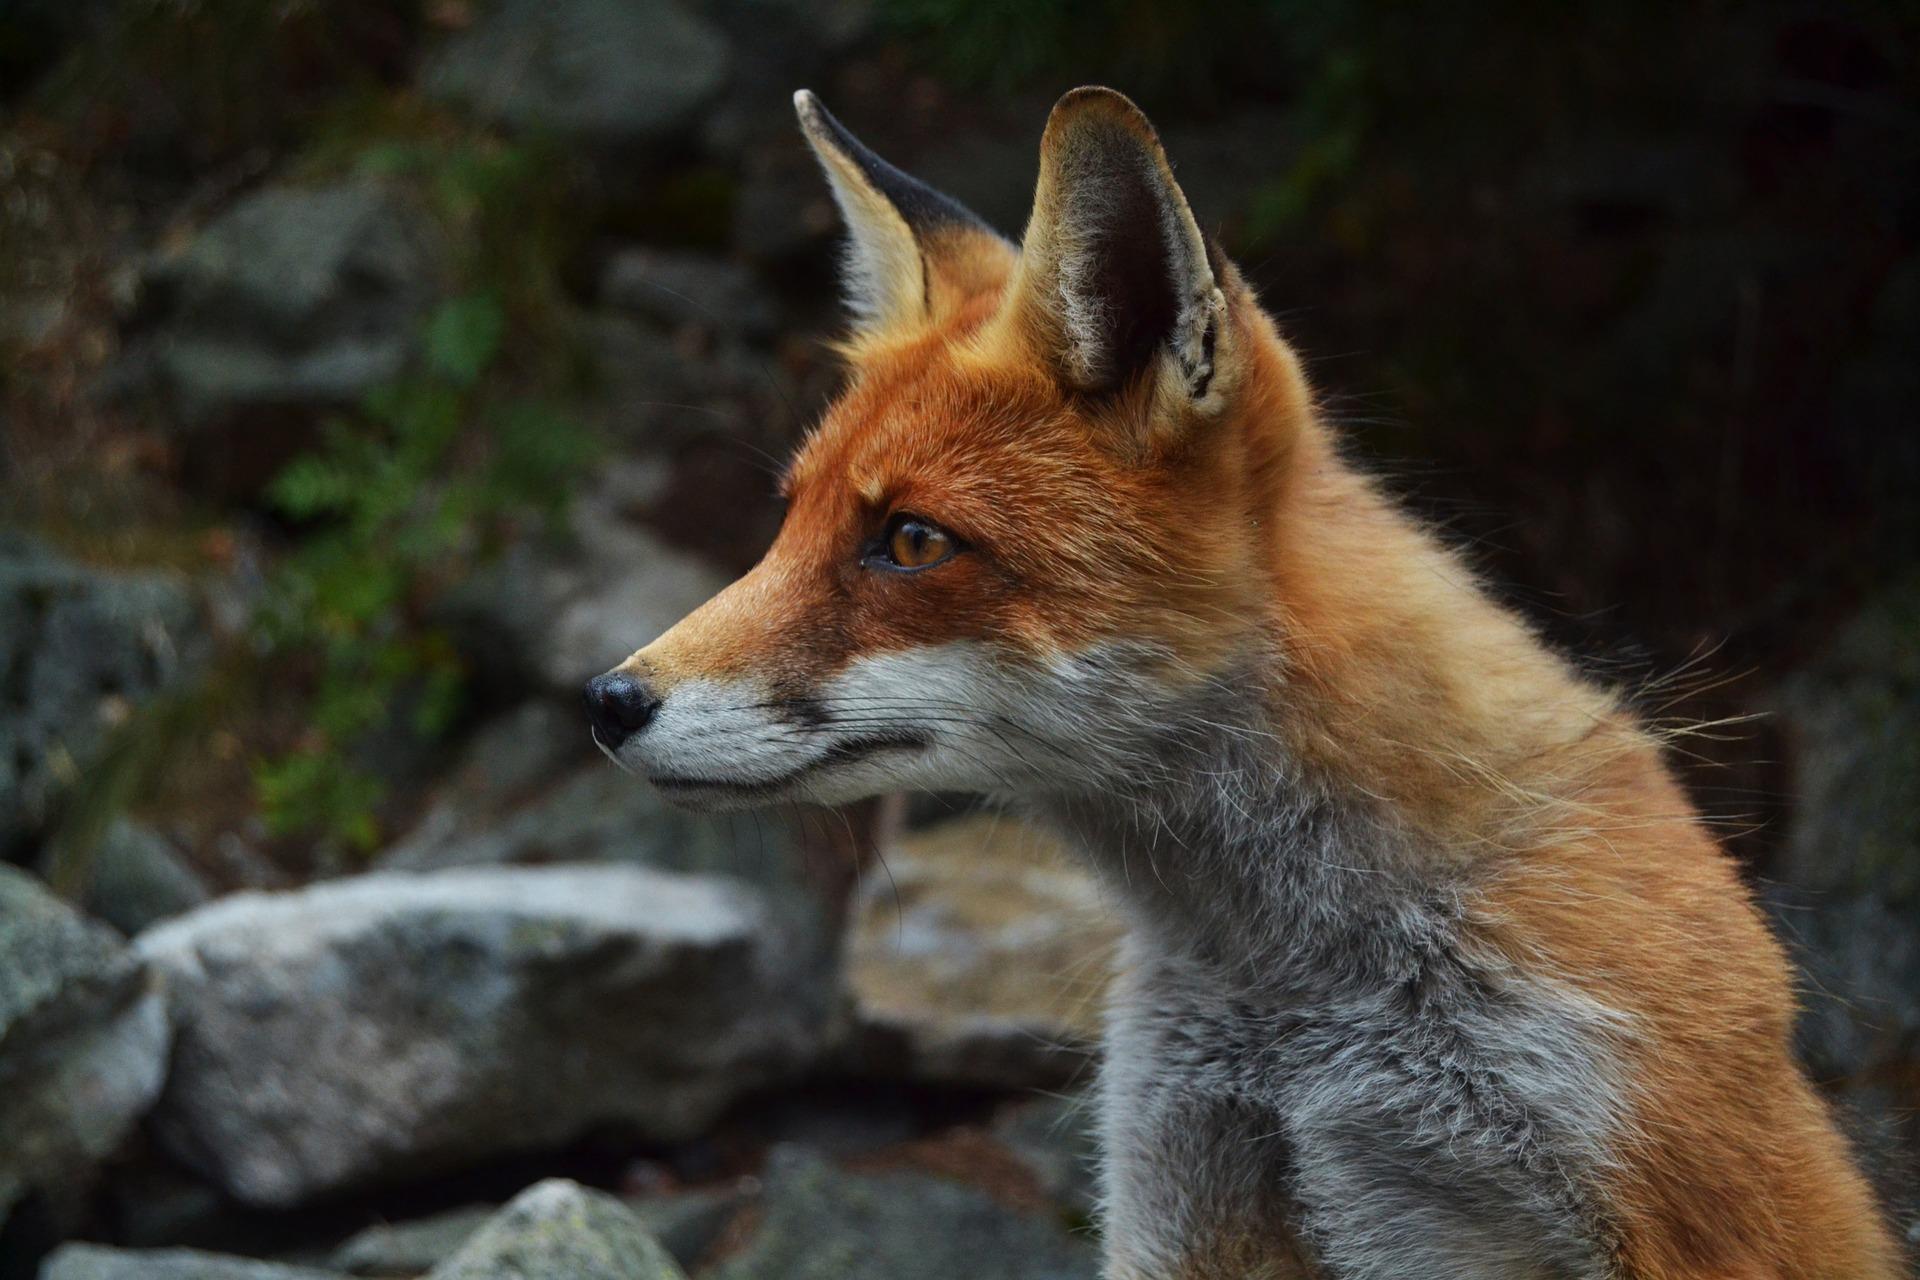 fox-984325_1920.jpg